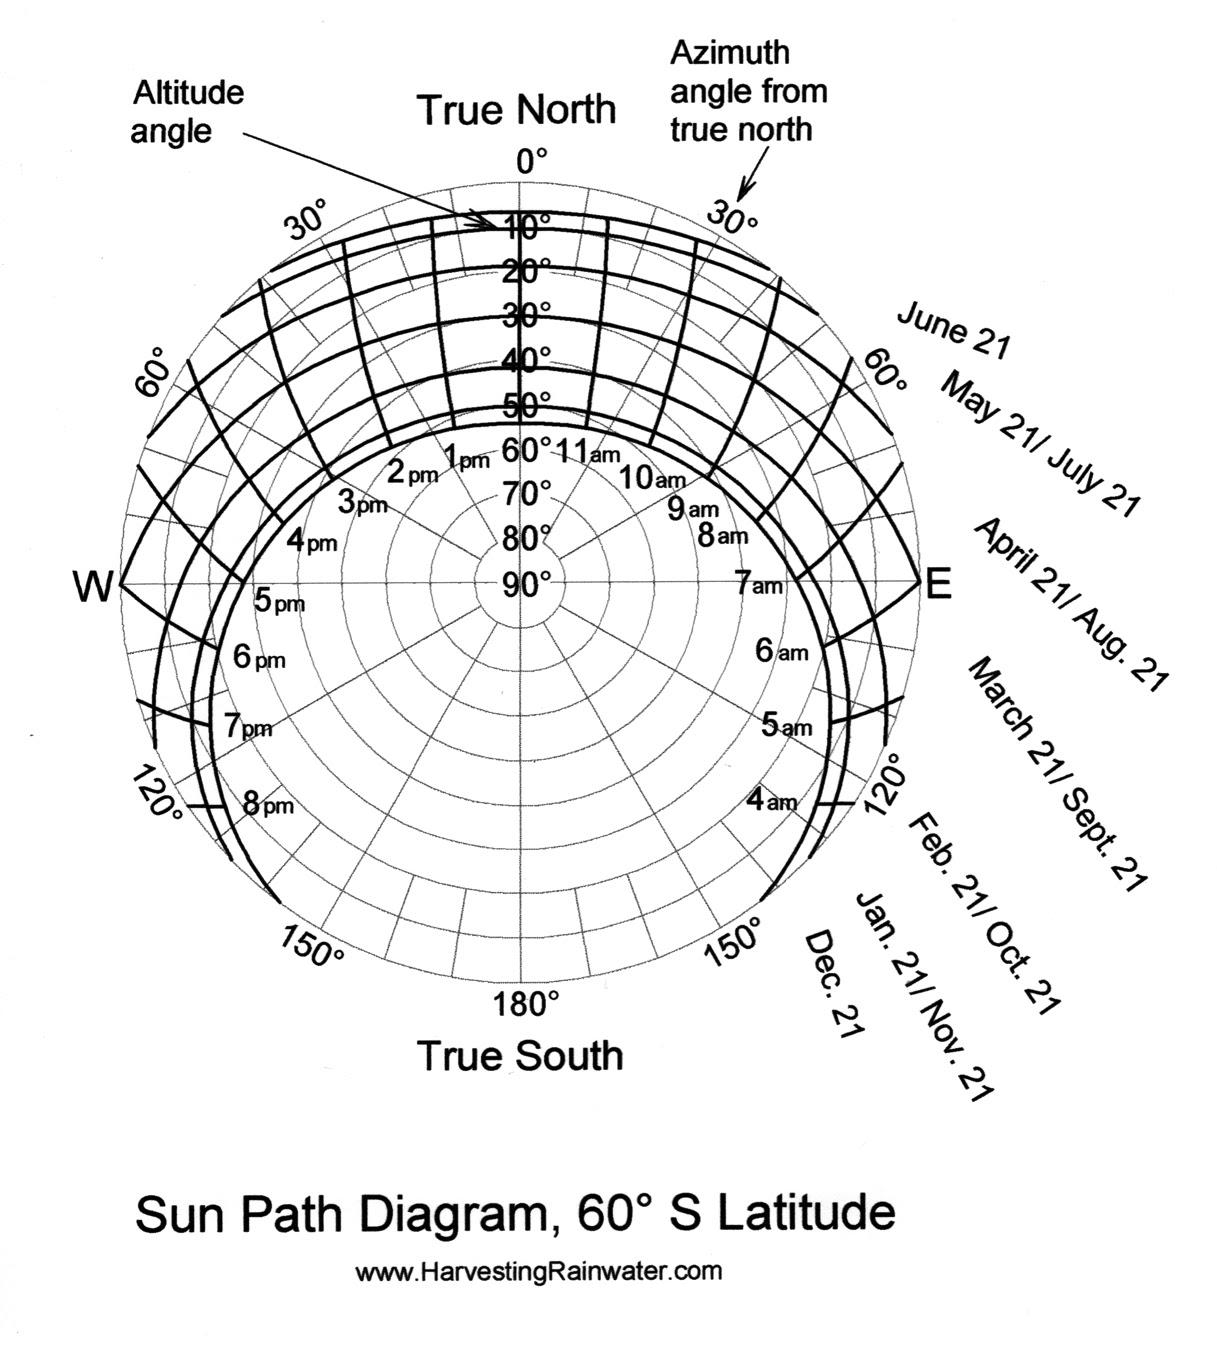 Sun-Path Diagram, 60º S Latitude